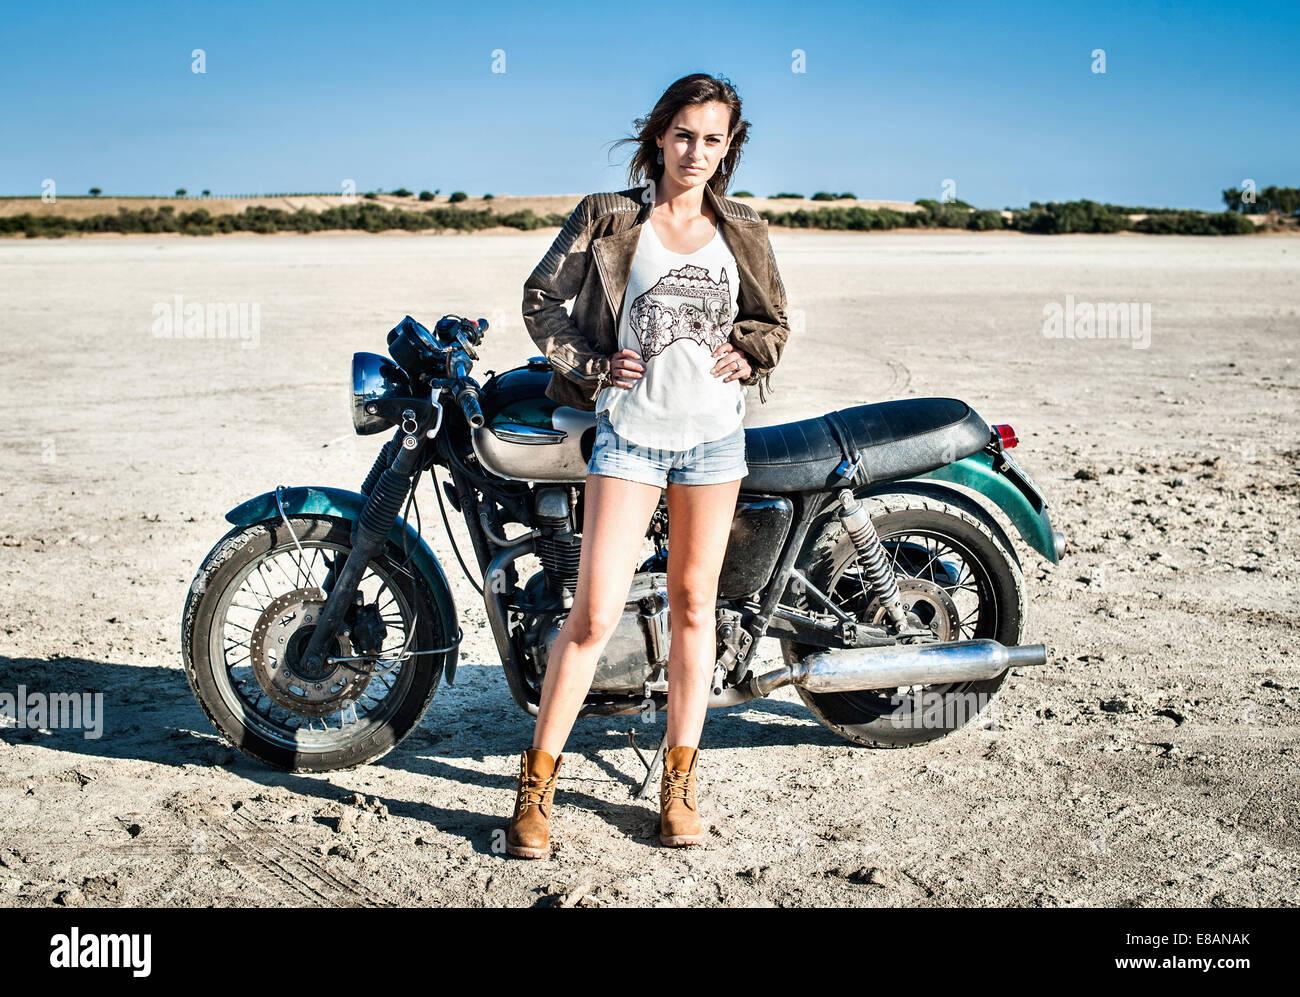 Retrato de mujer motociclista en la árida llanura, Cagliari, Cerdeña, Italia Imagen De Stock